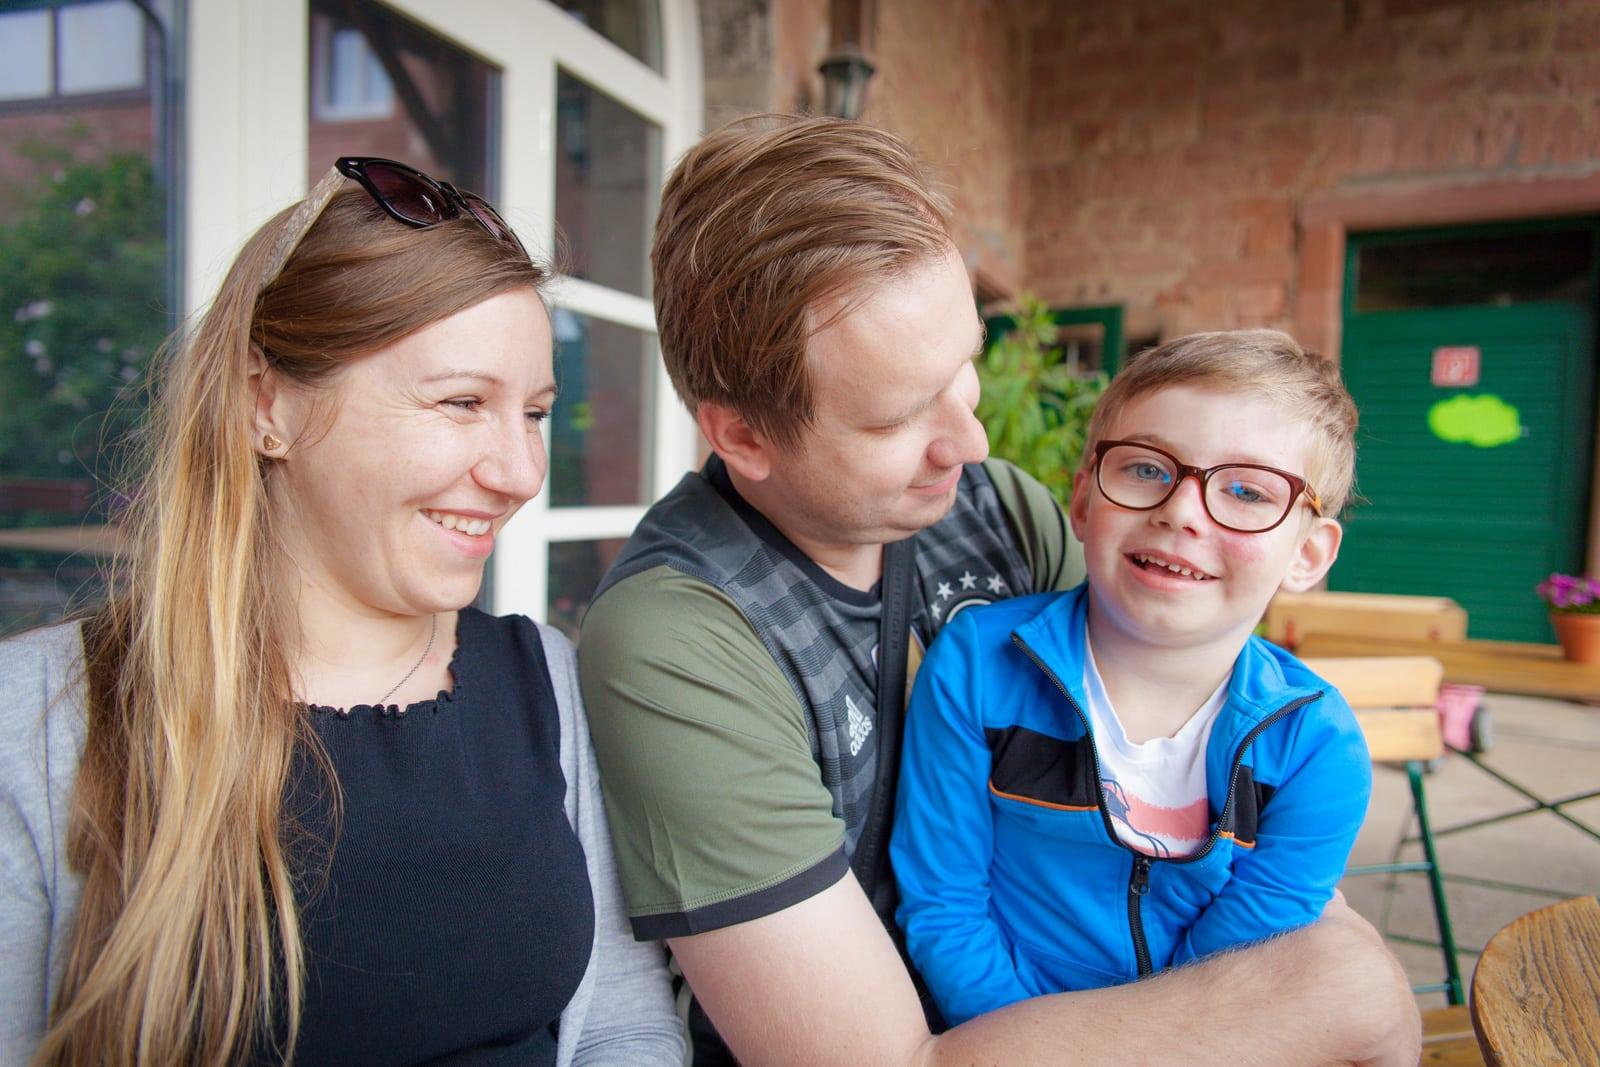 Eine dreiköpfige Familie lacht